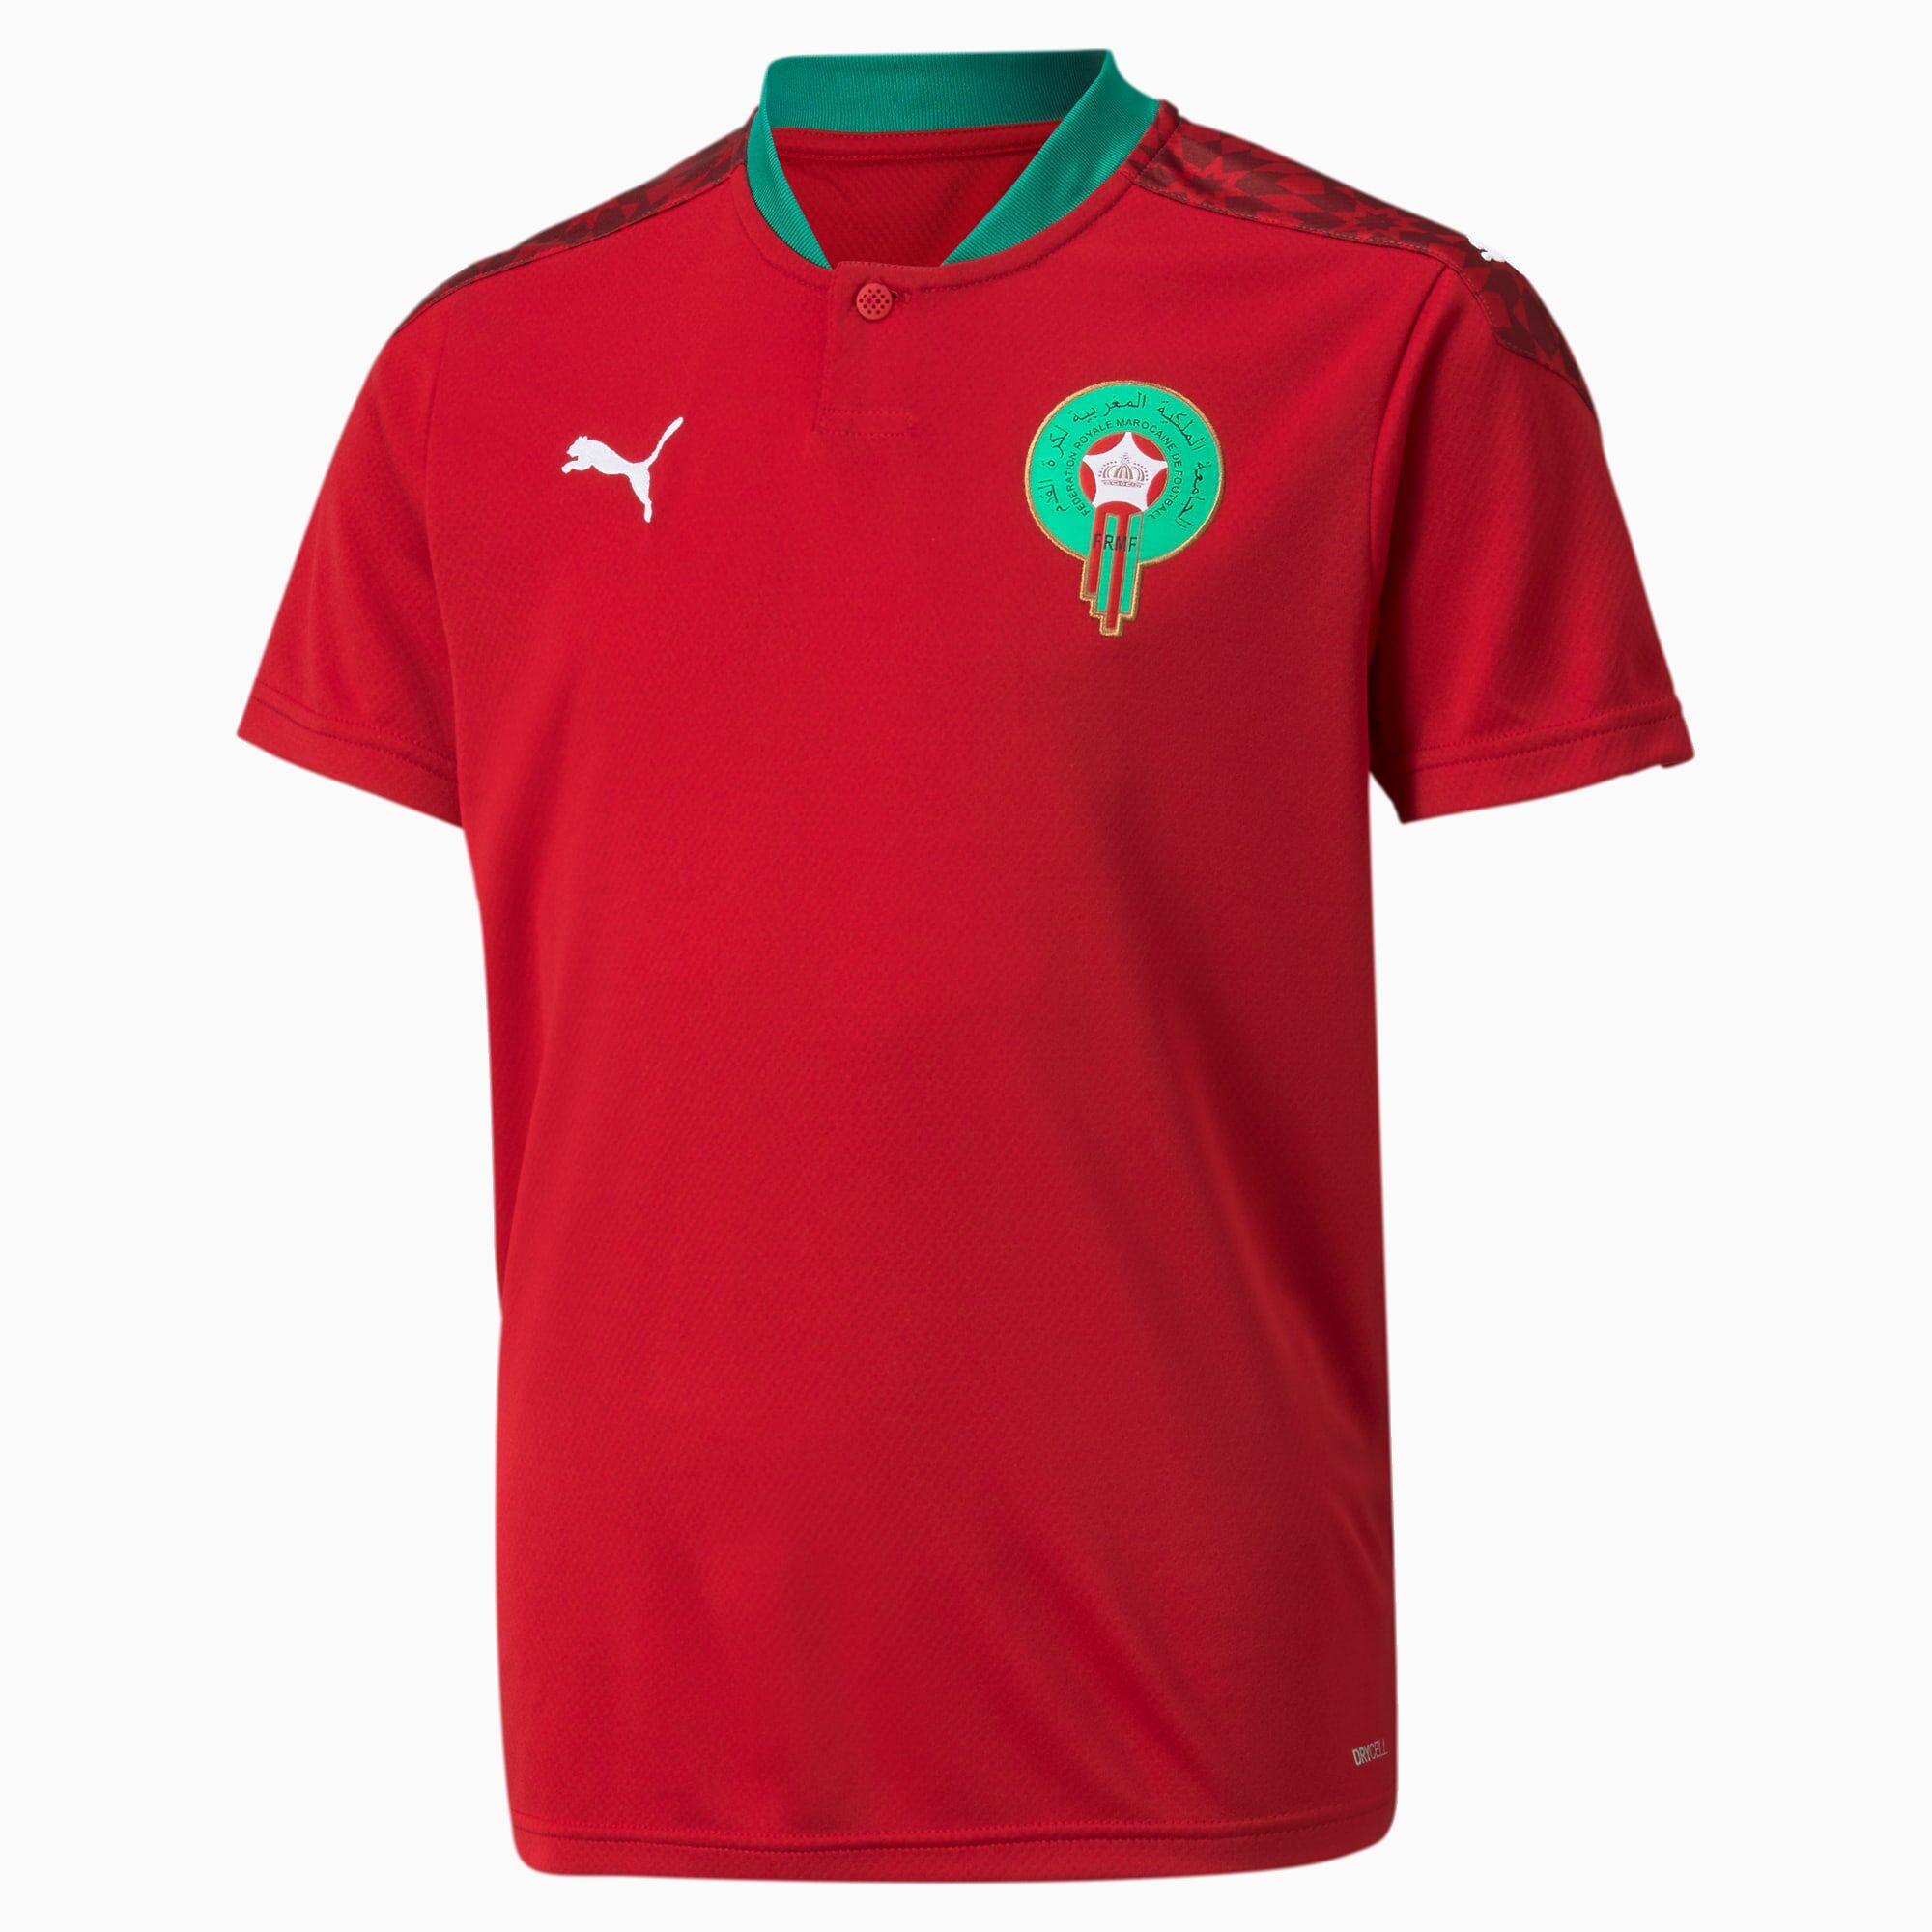 PUMA Maillot Domicile Maroc Youth Replica pour Enfant, Rouge/Blanc, Taille 128, Vêtements